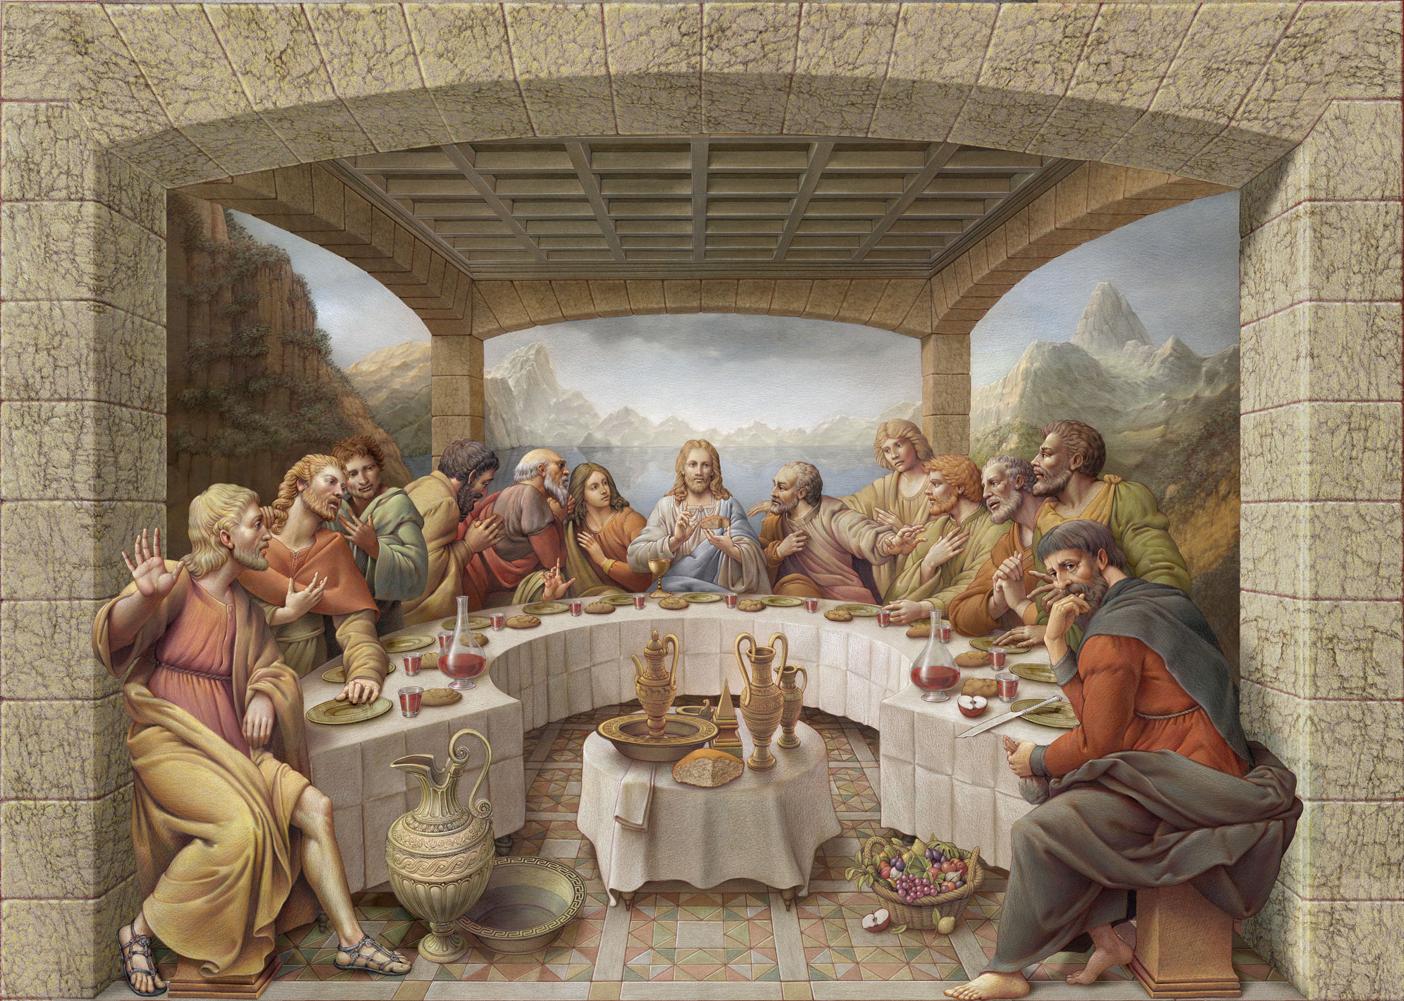 Sacred art religious art by Kurt Wenner